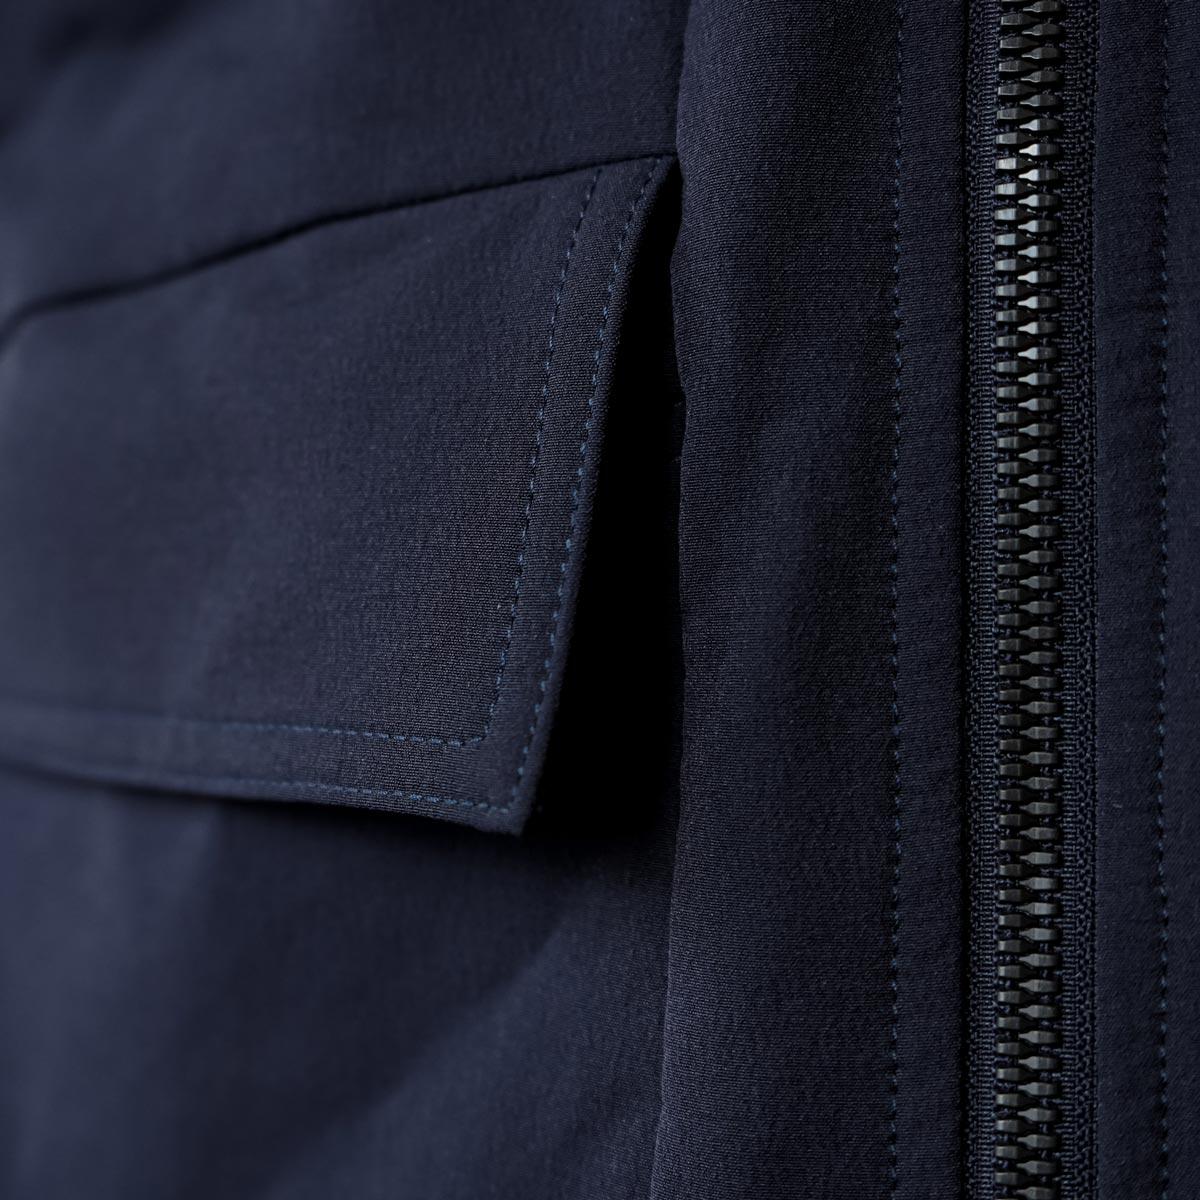 Arbetsjacka - detalj ficka och dragkedja